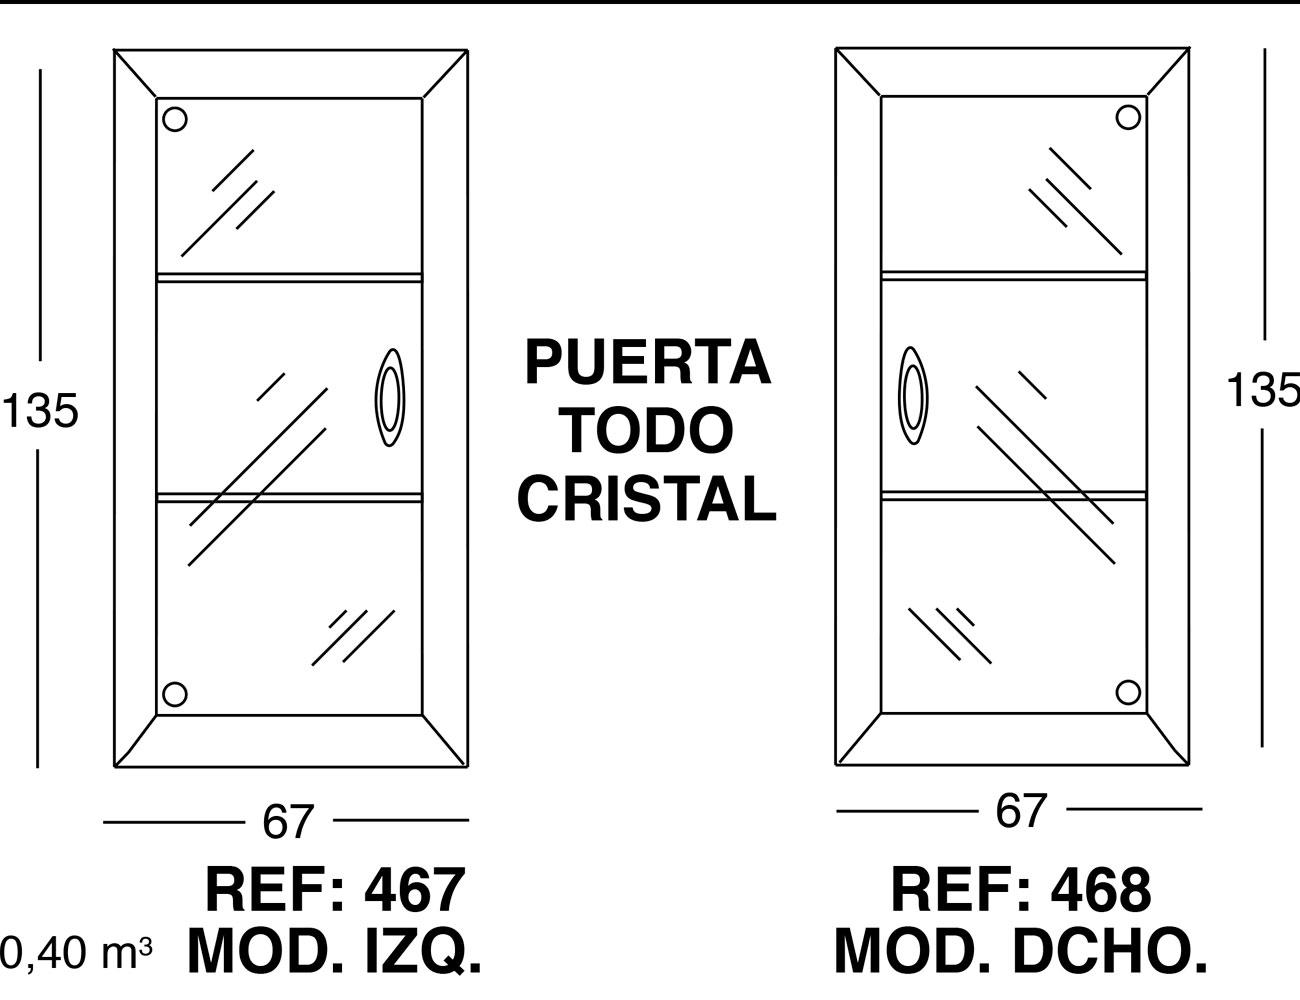 Puerta todo cristal